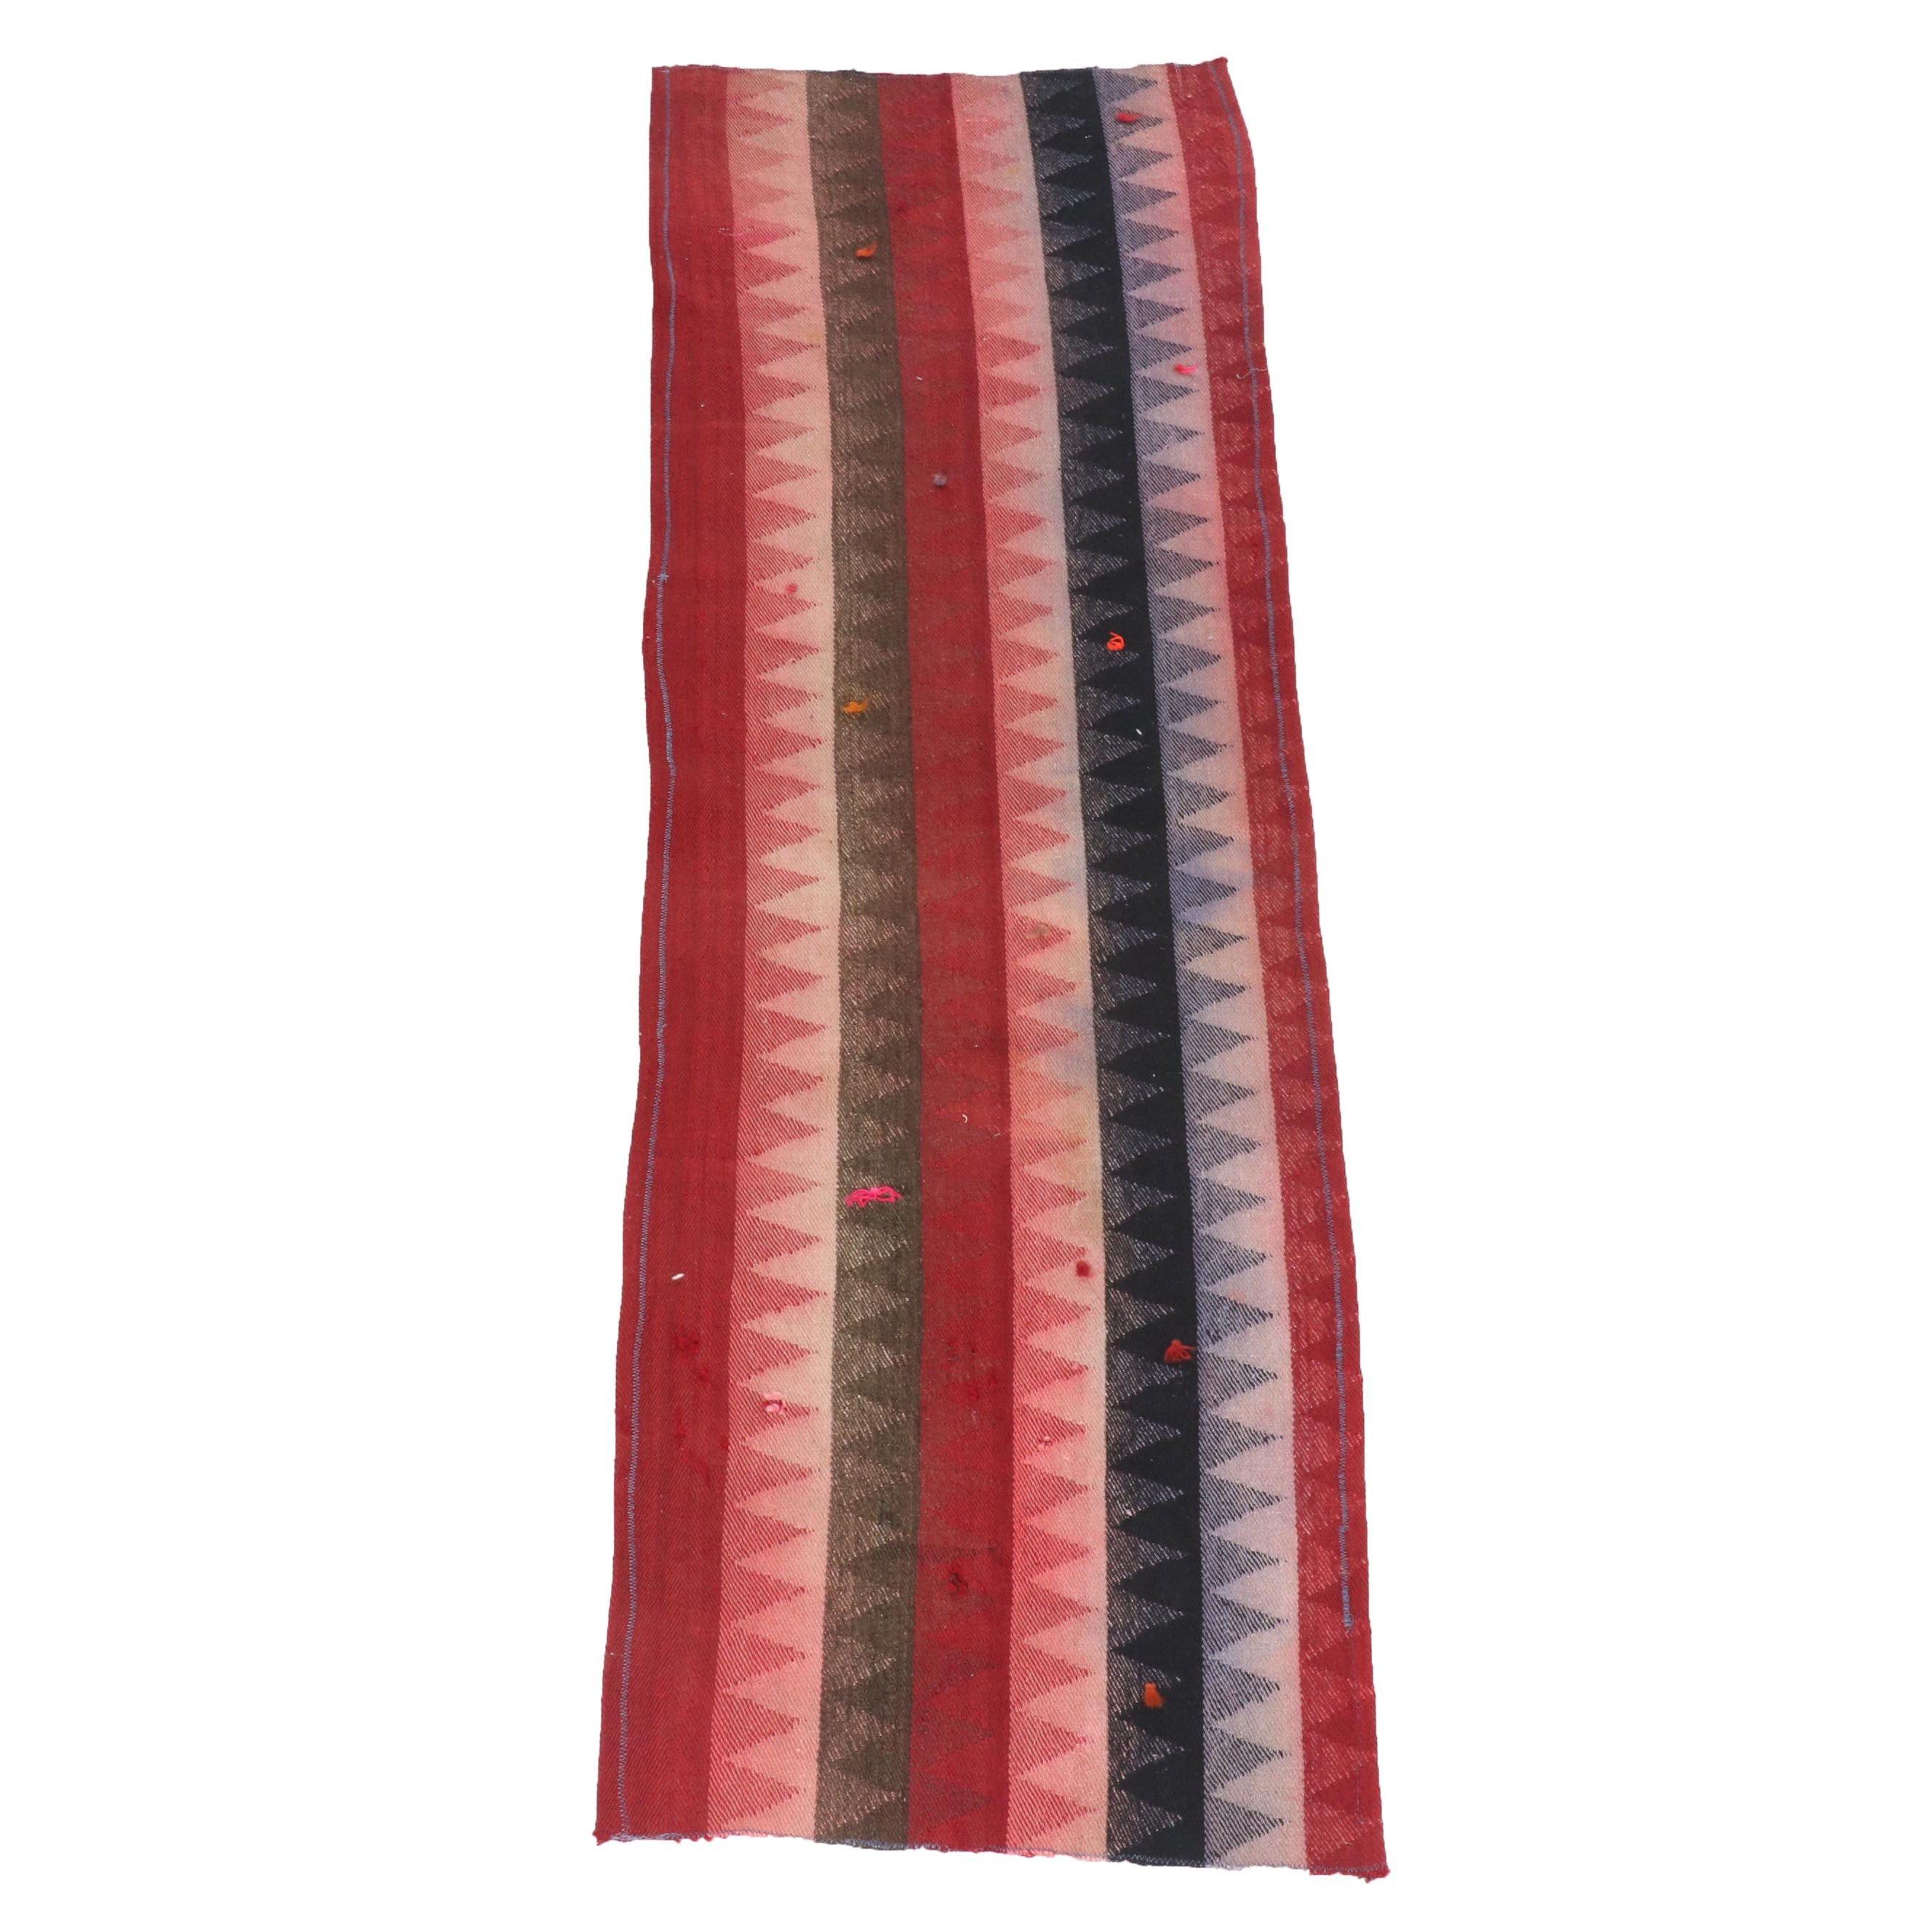 Handwoven Persian Kilim Wool Carpet Runner